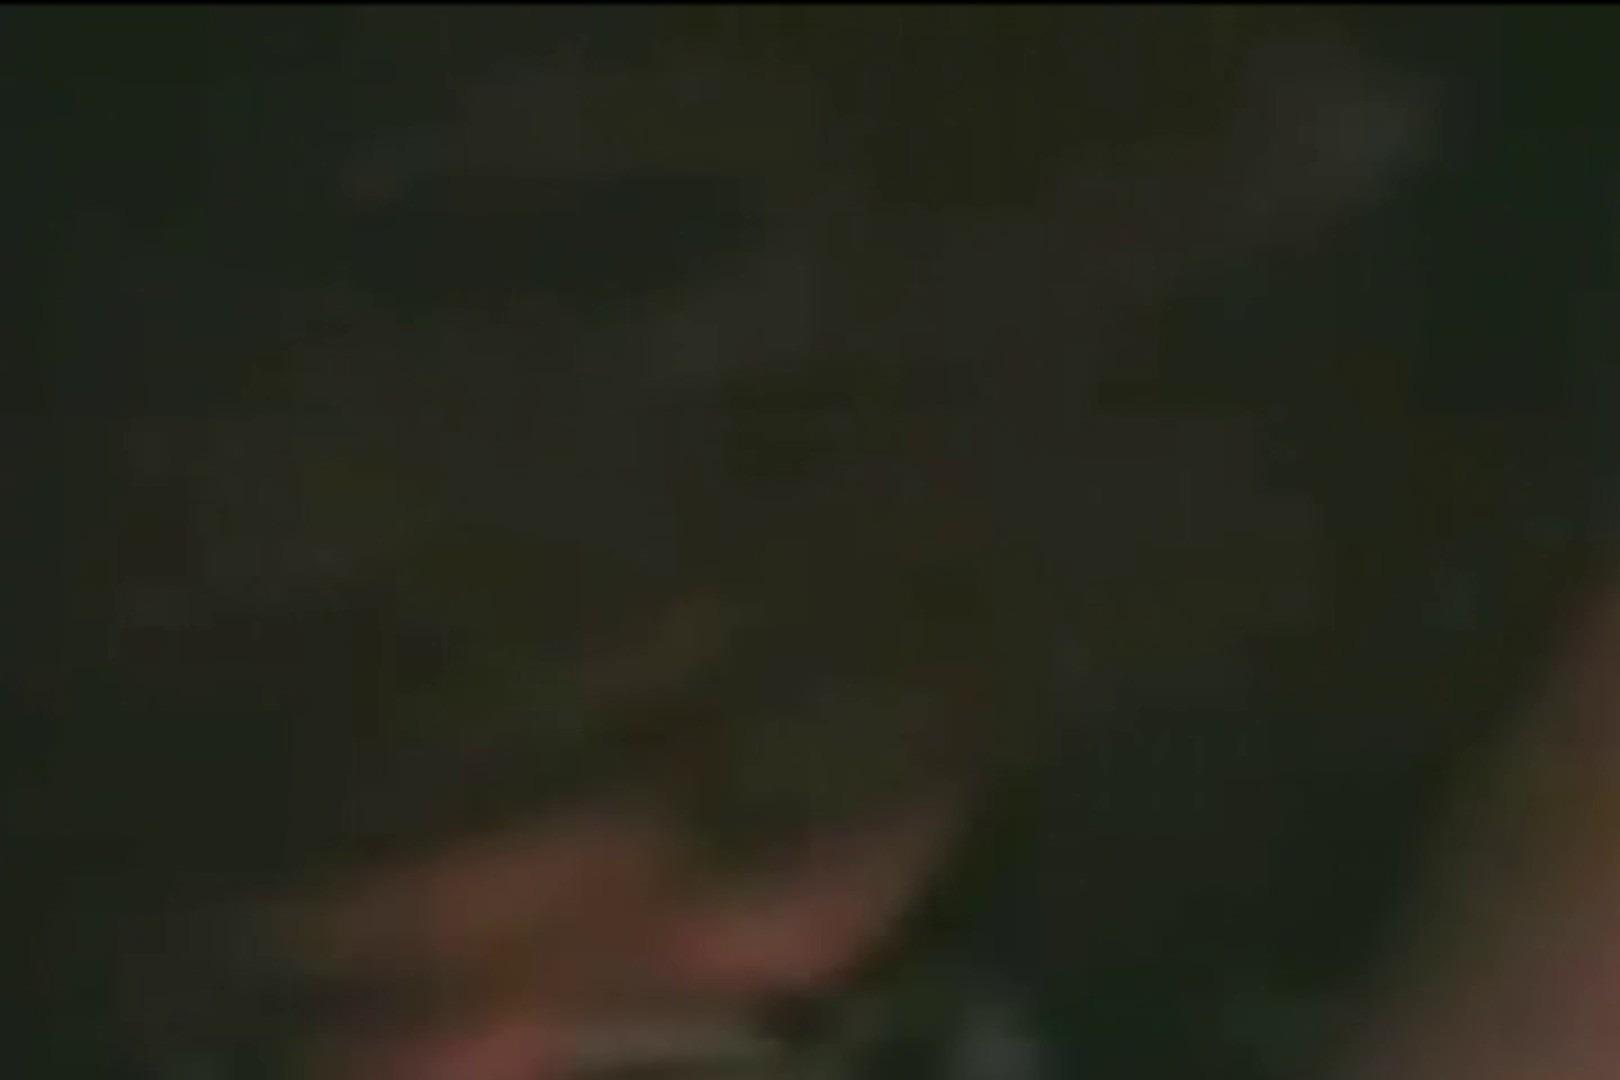 仁義なきキンタマ YAMAMOTOのアルバム フェラ | フェラチオ  98pic 45